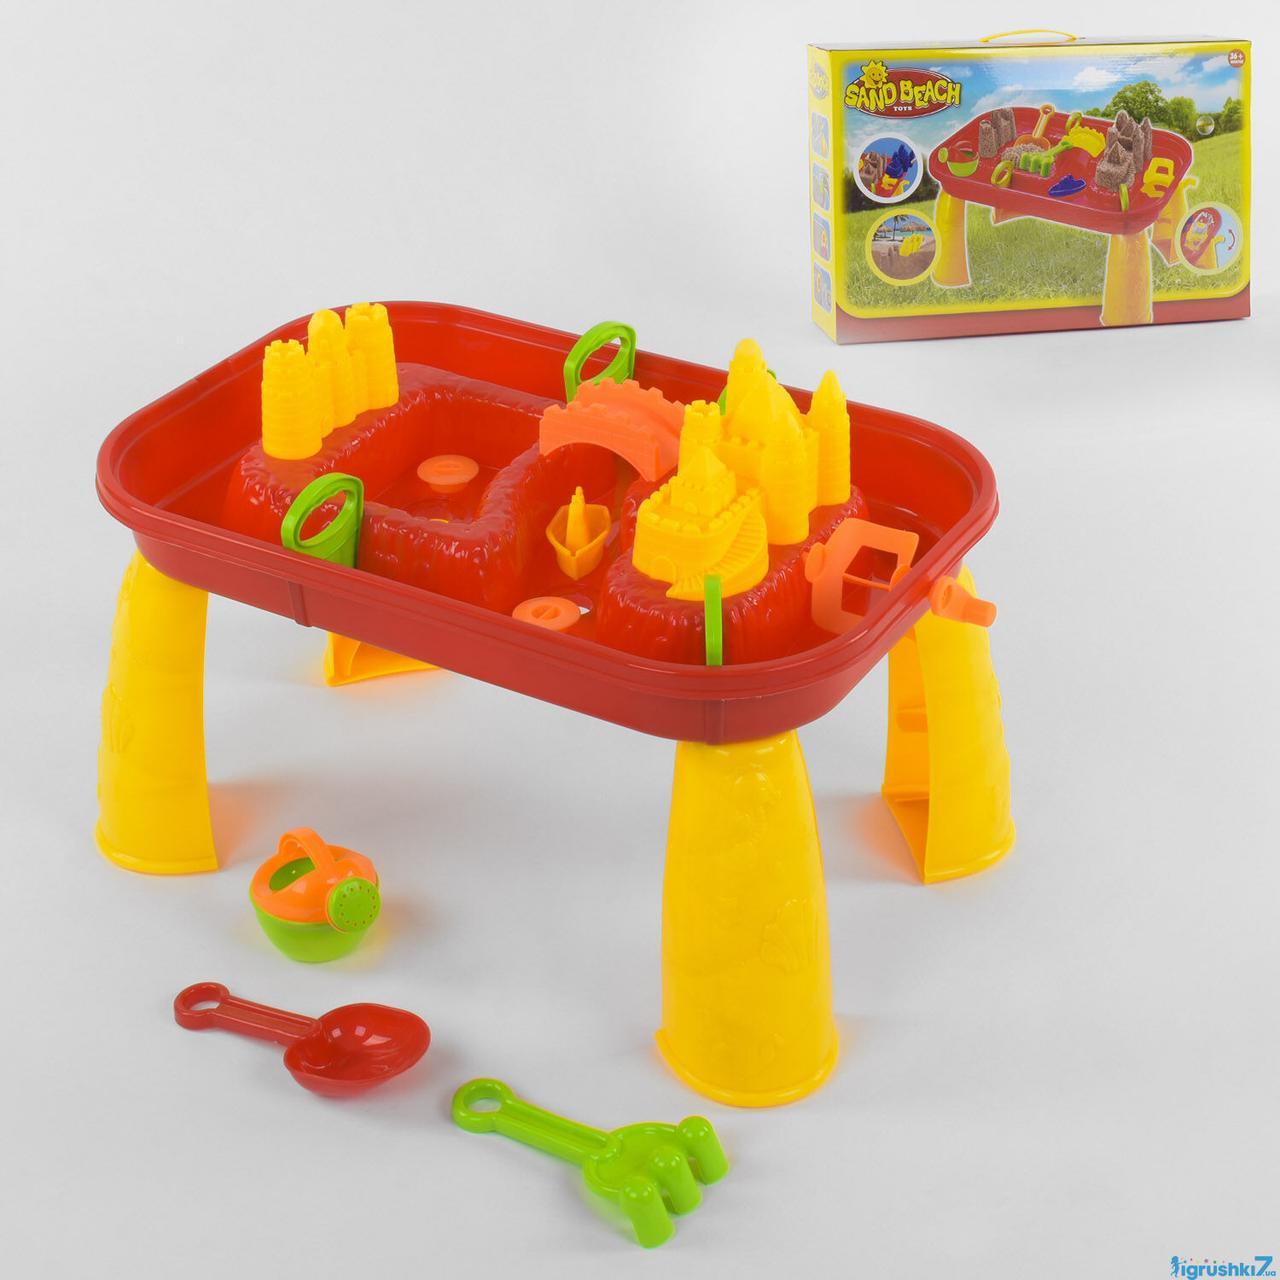 Детский столик для песка и воды 910 с аксессуарами